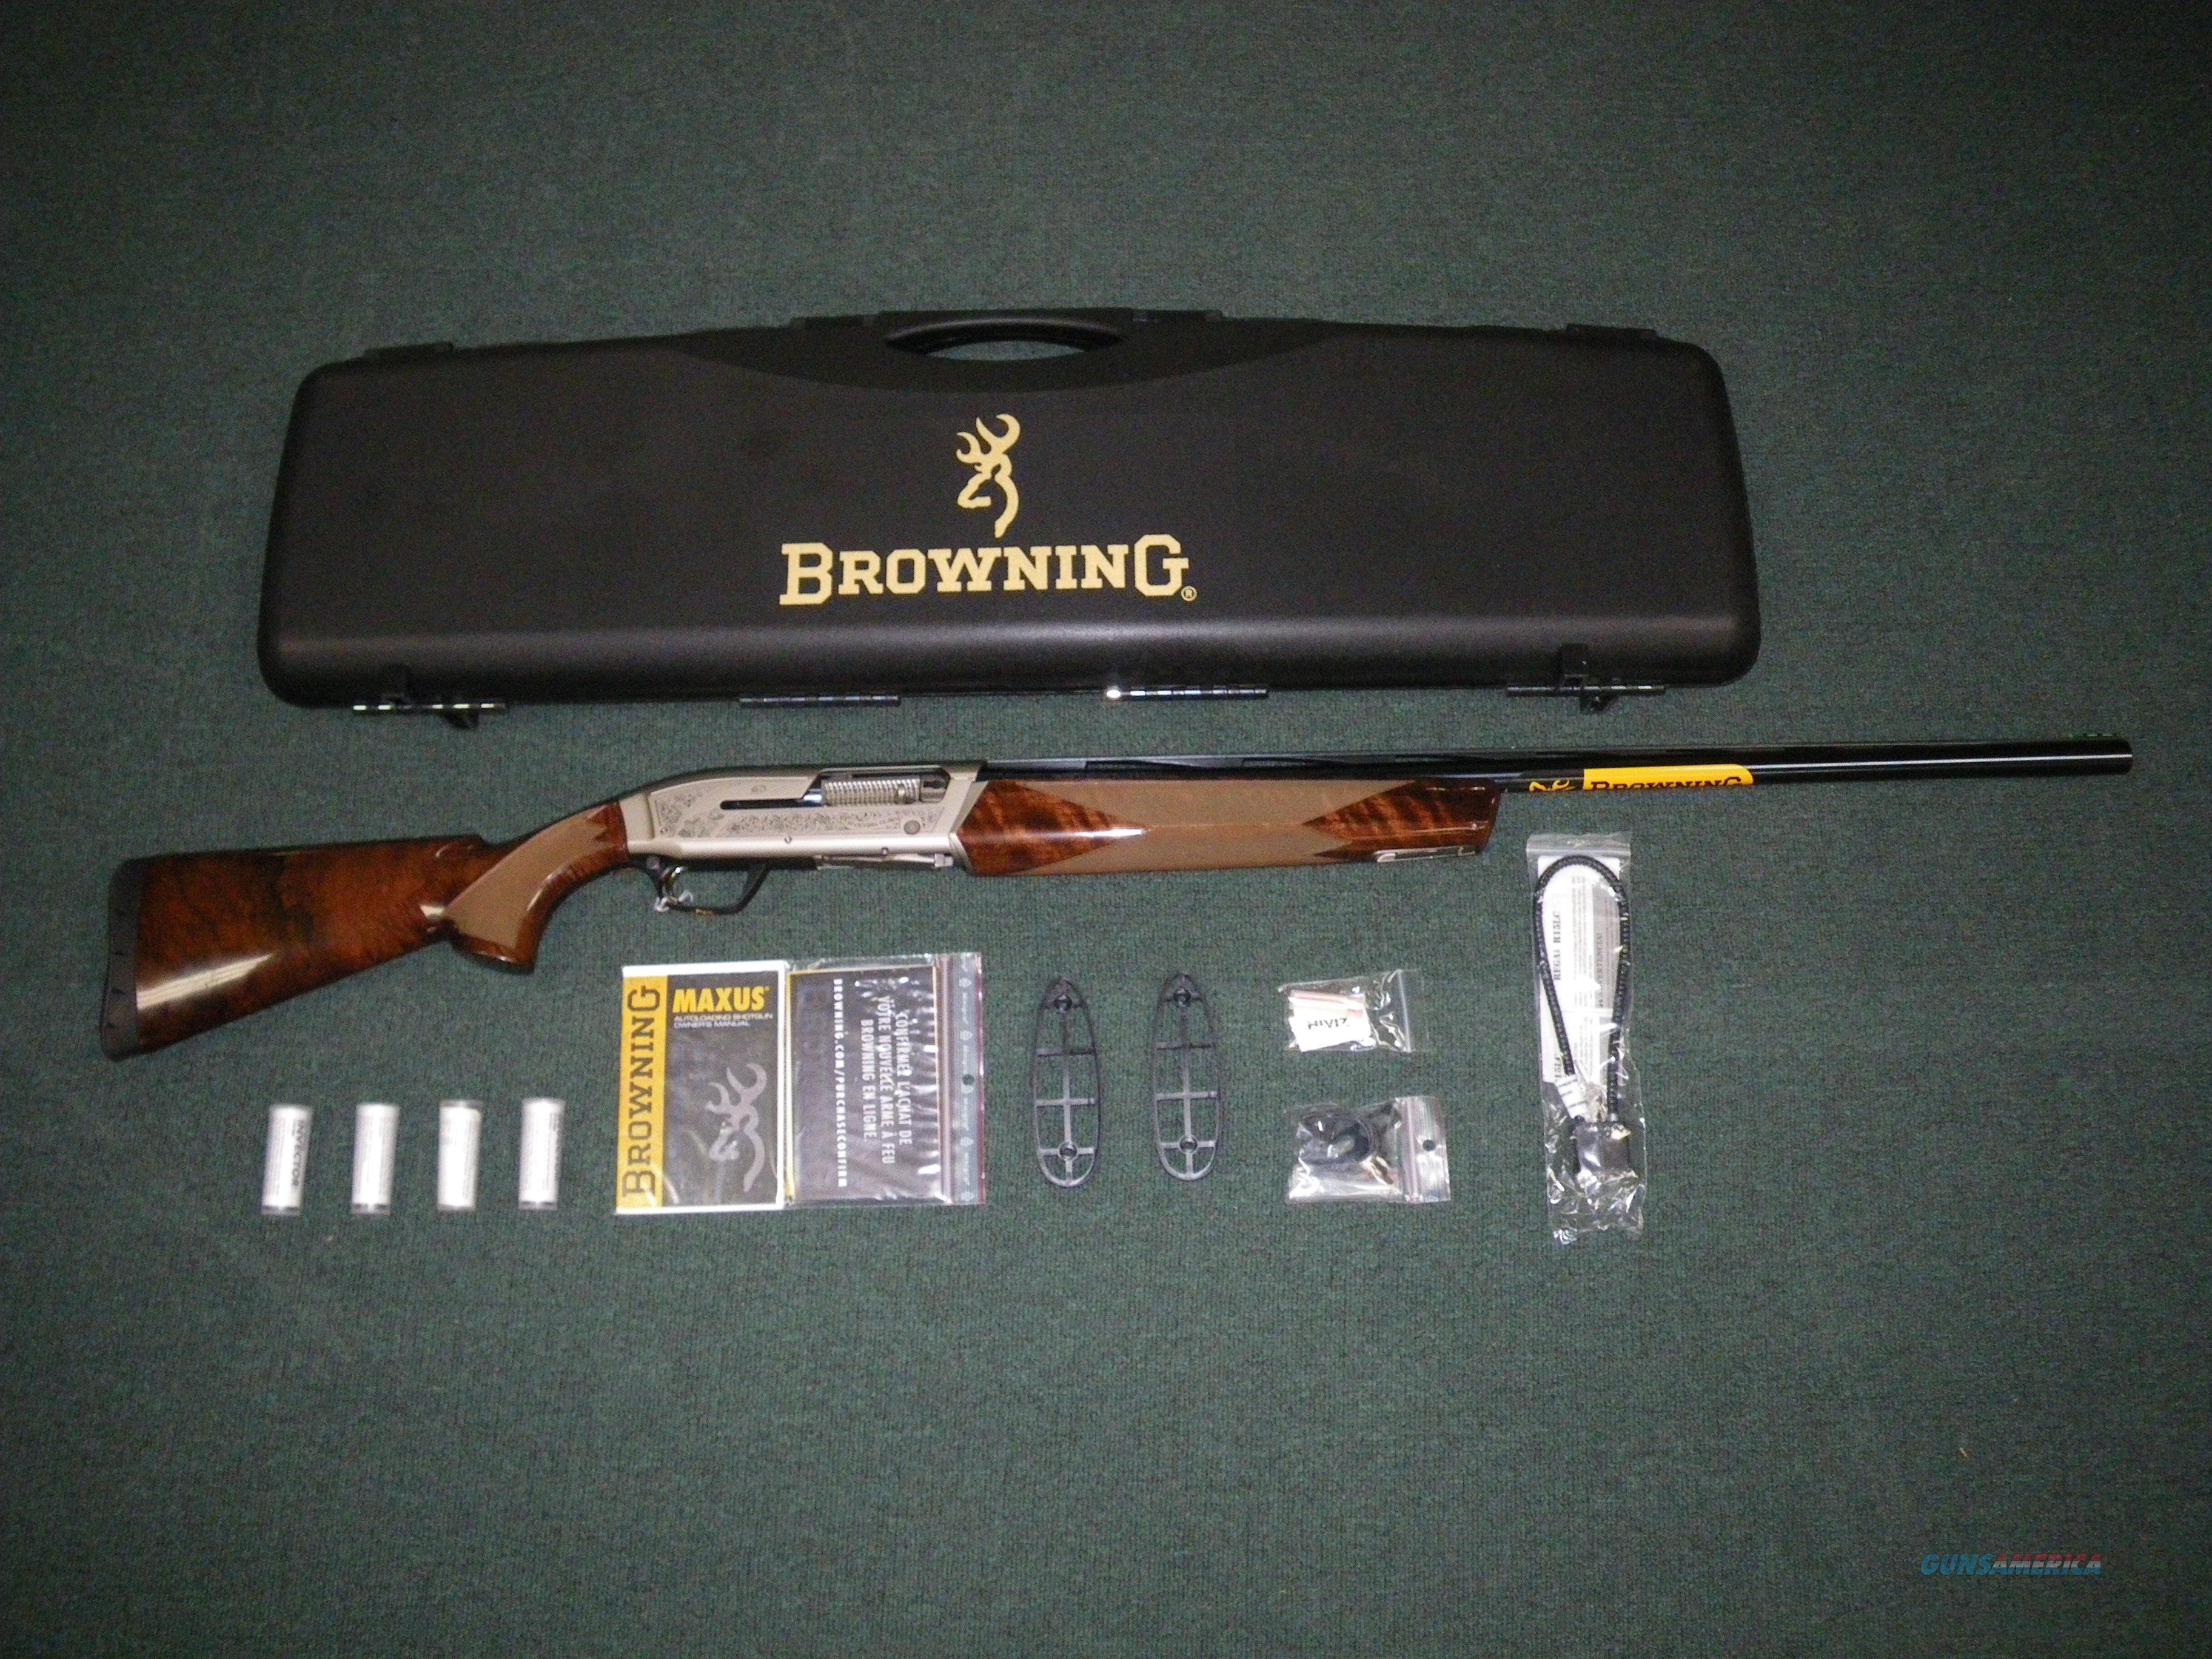 """Browning Maxus Sporting Clays 12ga 30"""" 3"""" Chamber #011616303  Guns > Shotguns > Browning Shotguns > Autoloaders > Hunting"""